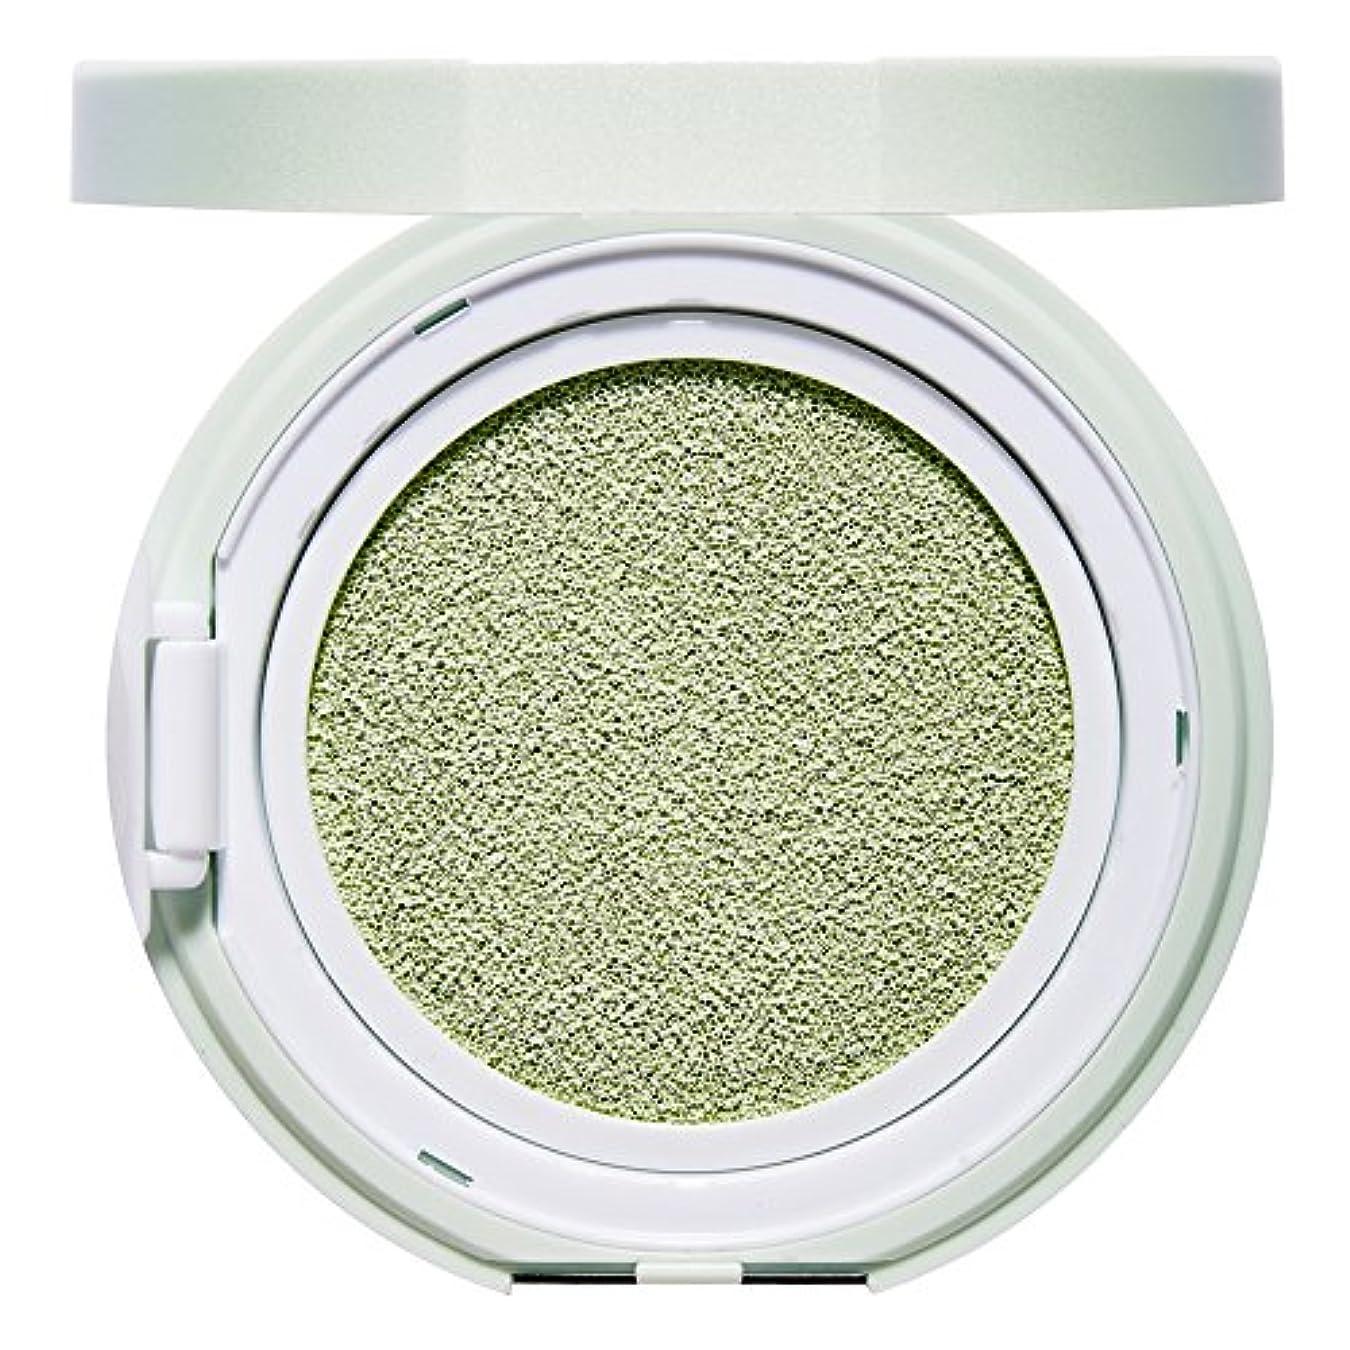 驚くべき認可心のこもったエチュードハウス(ETUDE HOUSE) エニークッション カラーコレクター Mint[化粧下地、コントロールカラー、緑、グリーン]